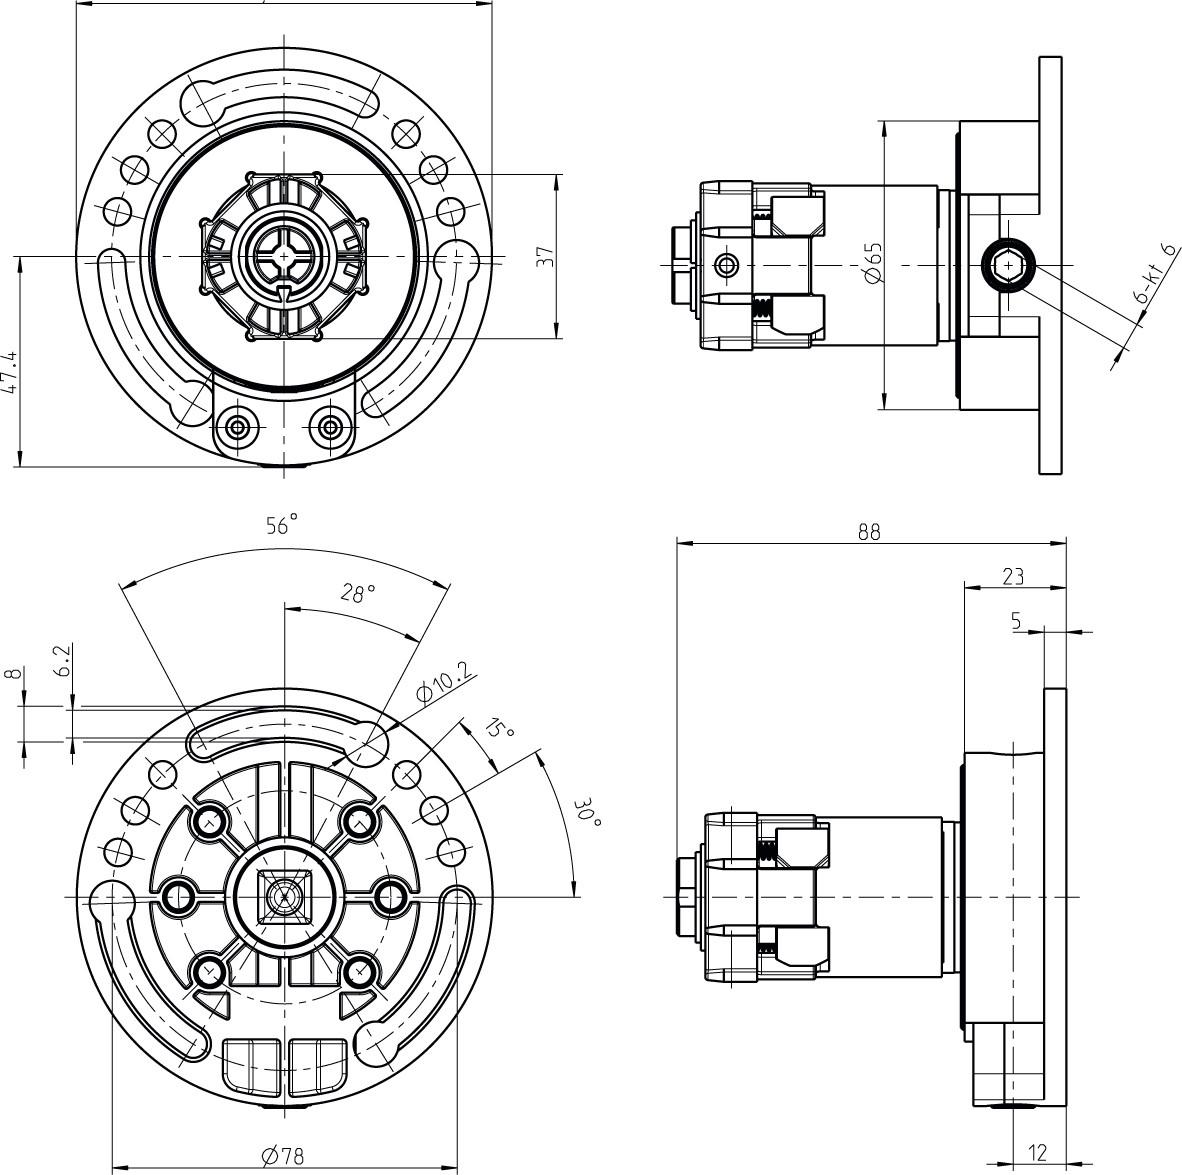 Kegelradgetriebe 4:1 Skizze